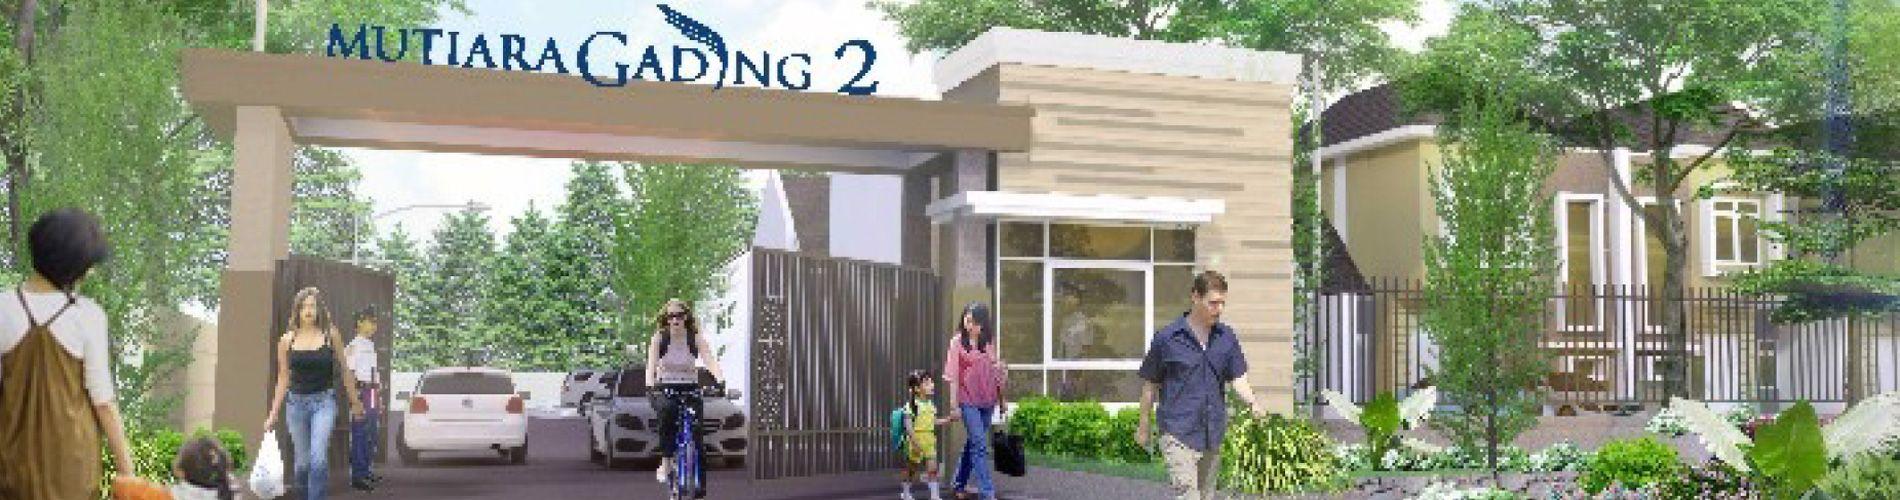 Residensial Mutiara Gading 2 di Makassar